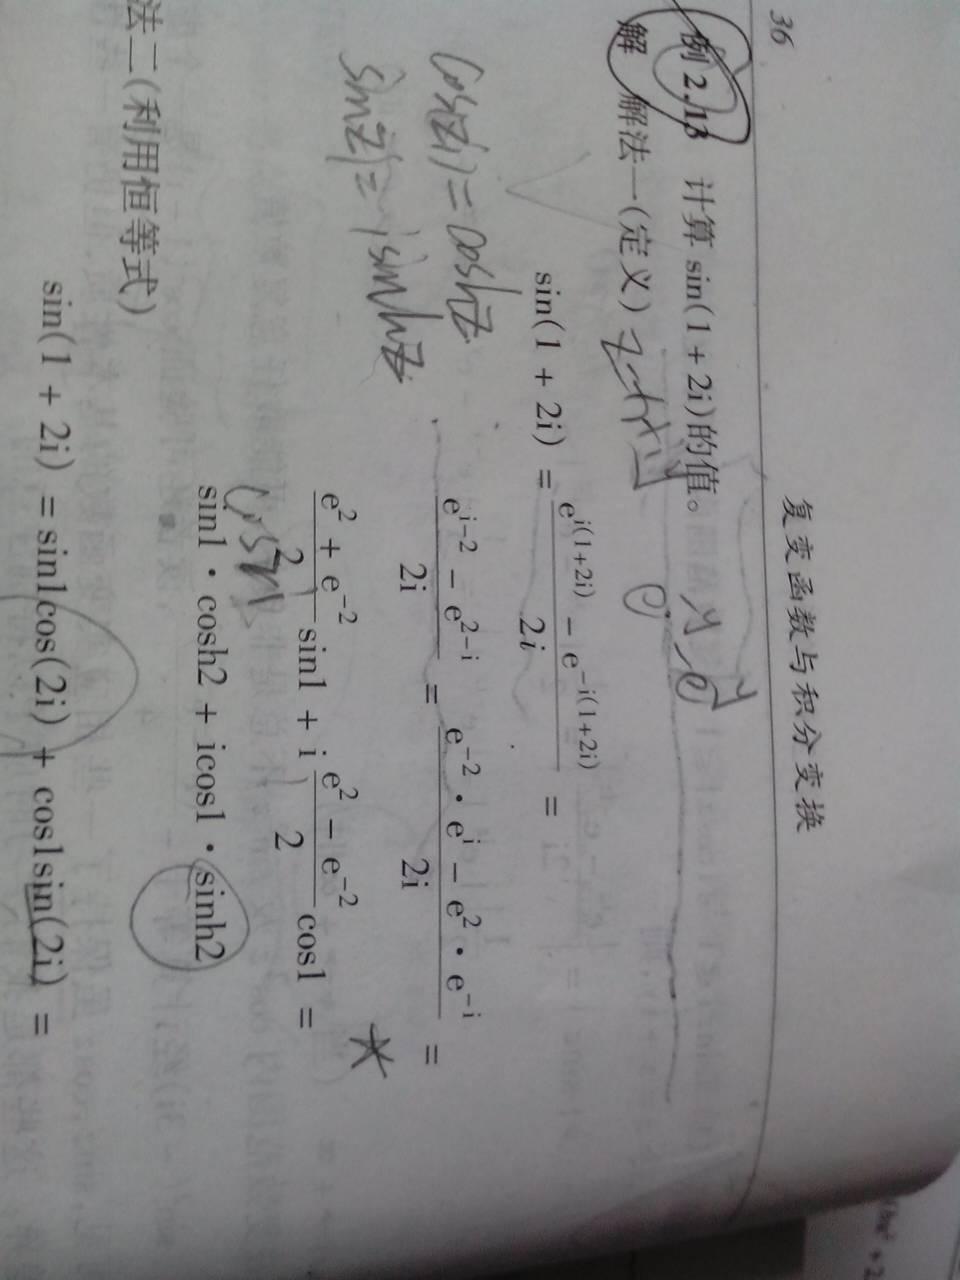 墙体裂缝仺(iy��y�b_设u及v是解析函数f(z)的实部及虚部,且u-v=(x y)(x^2